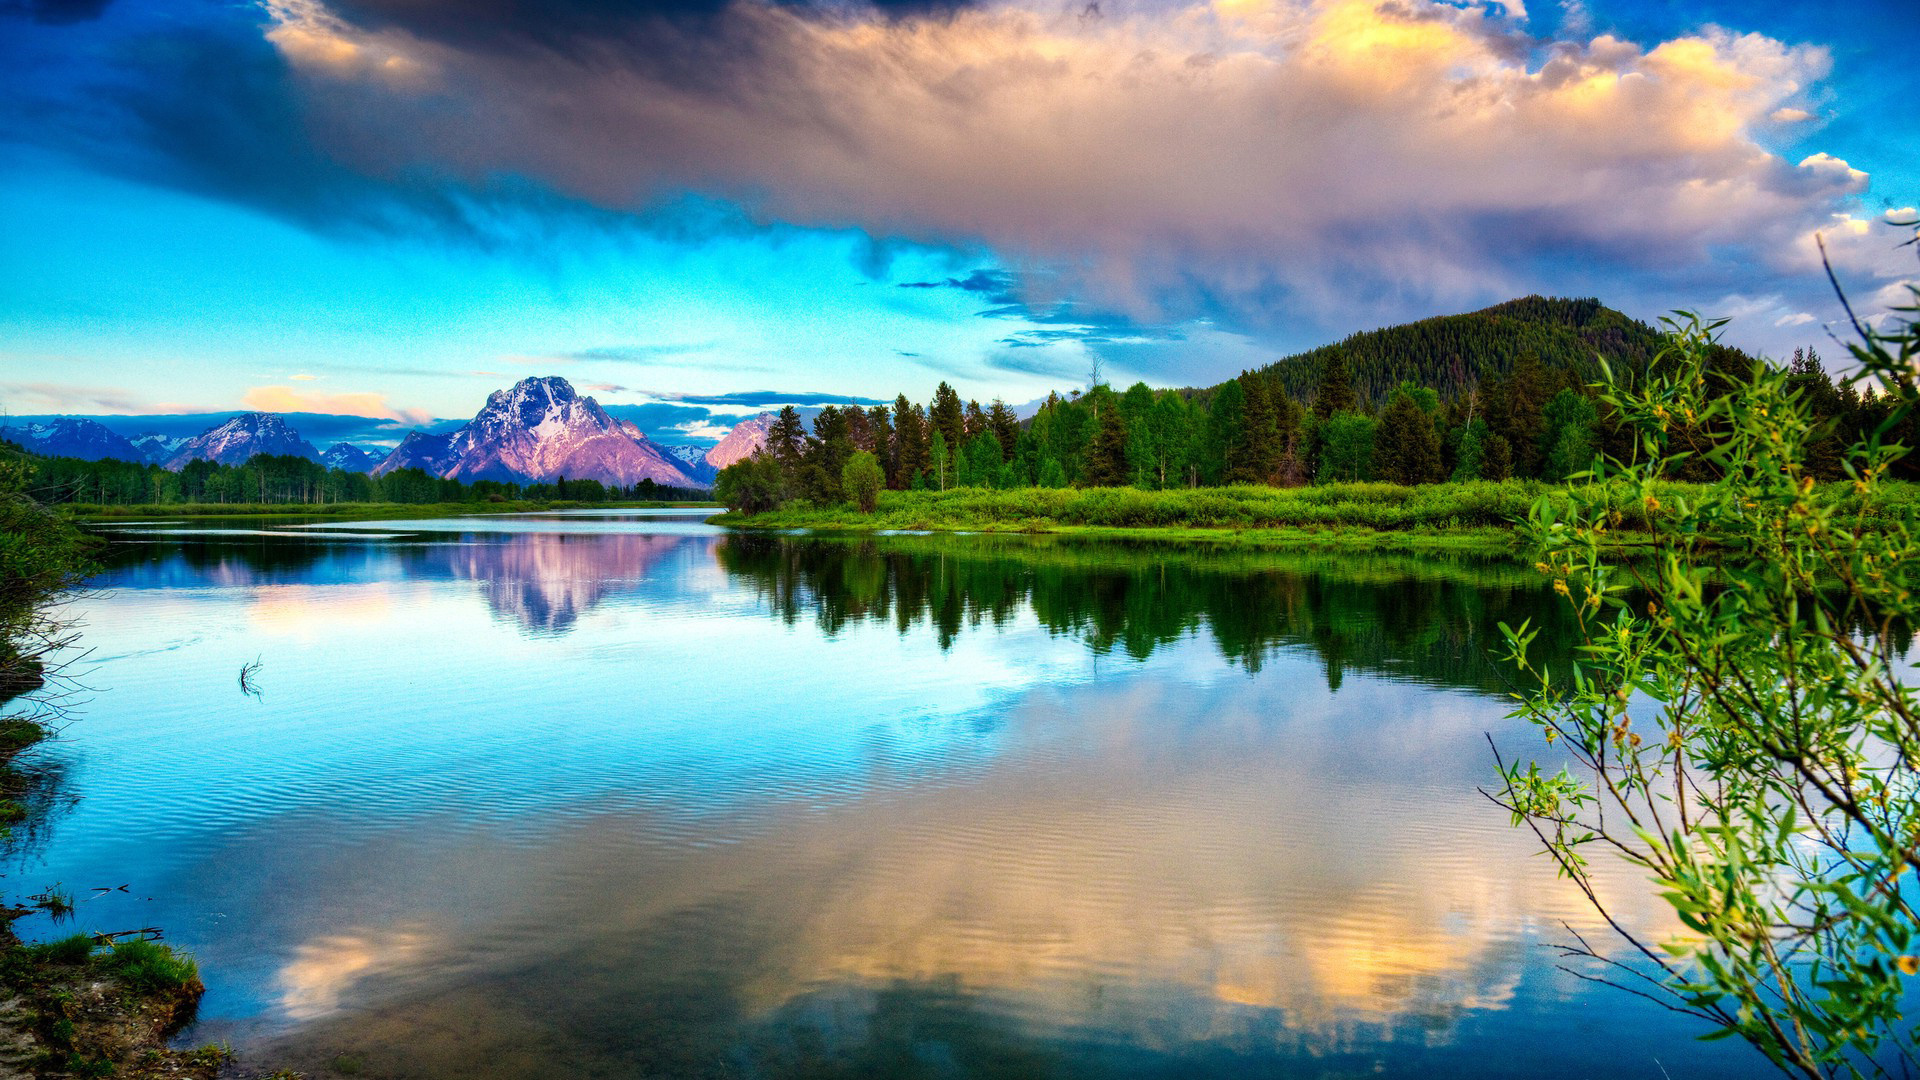 Облака над озером, галька, горы, лес  № 2950423 без смс